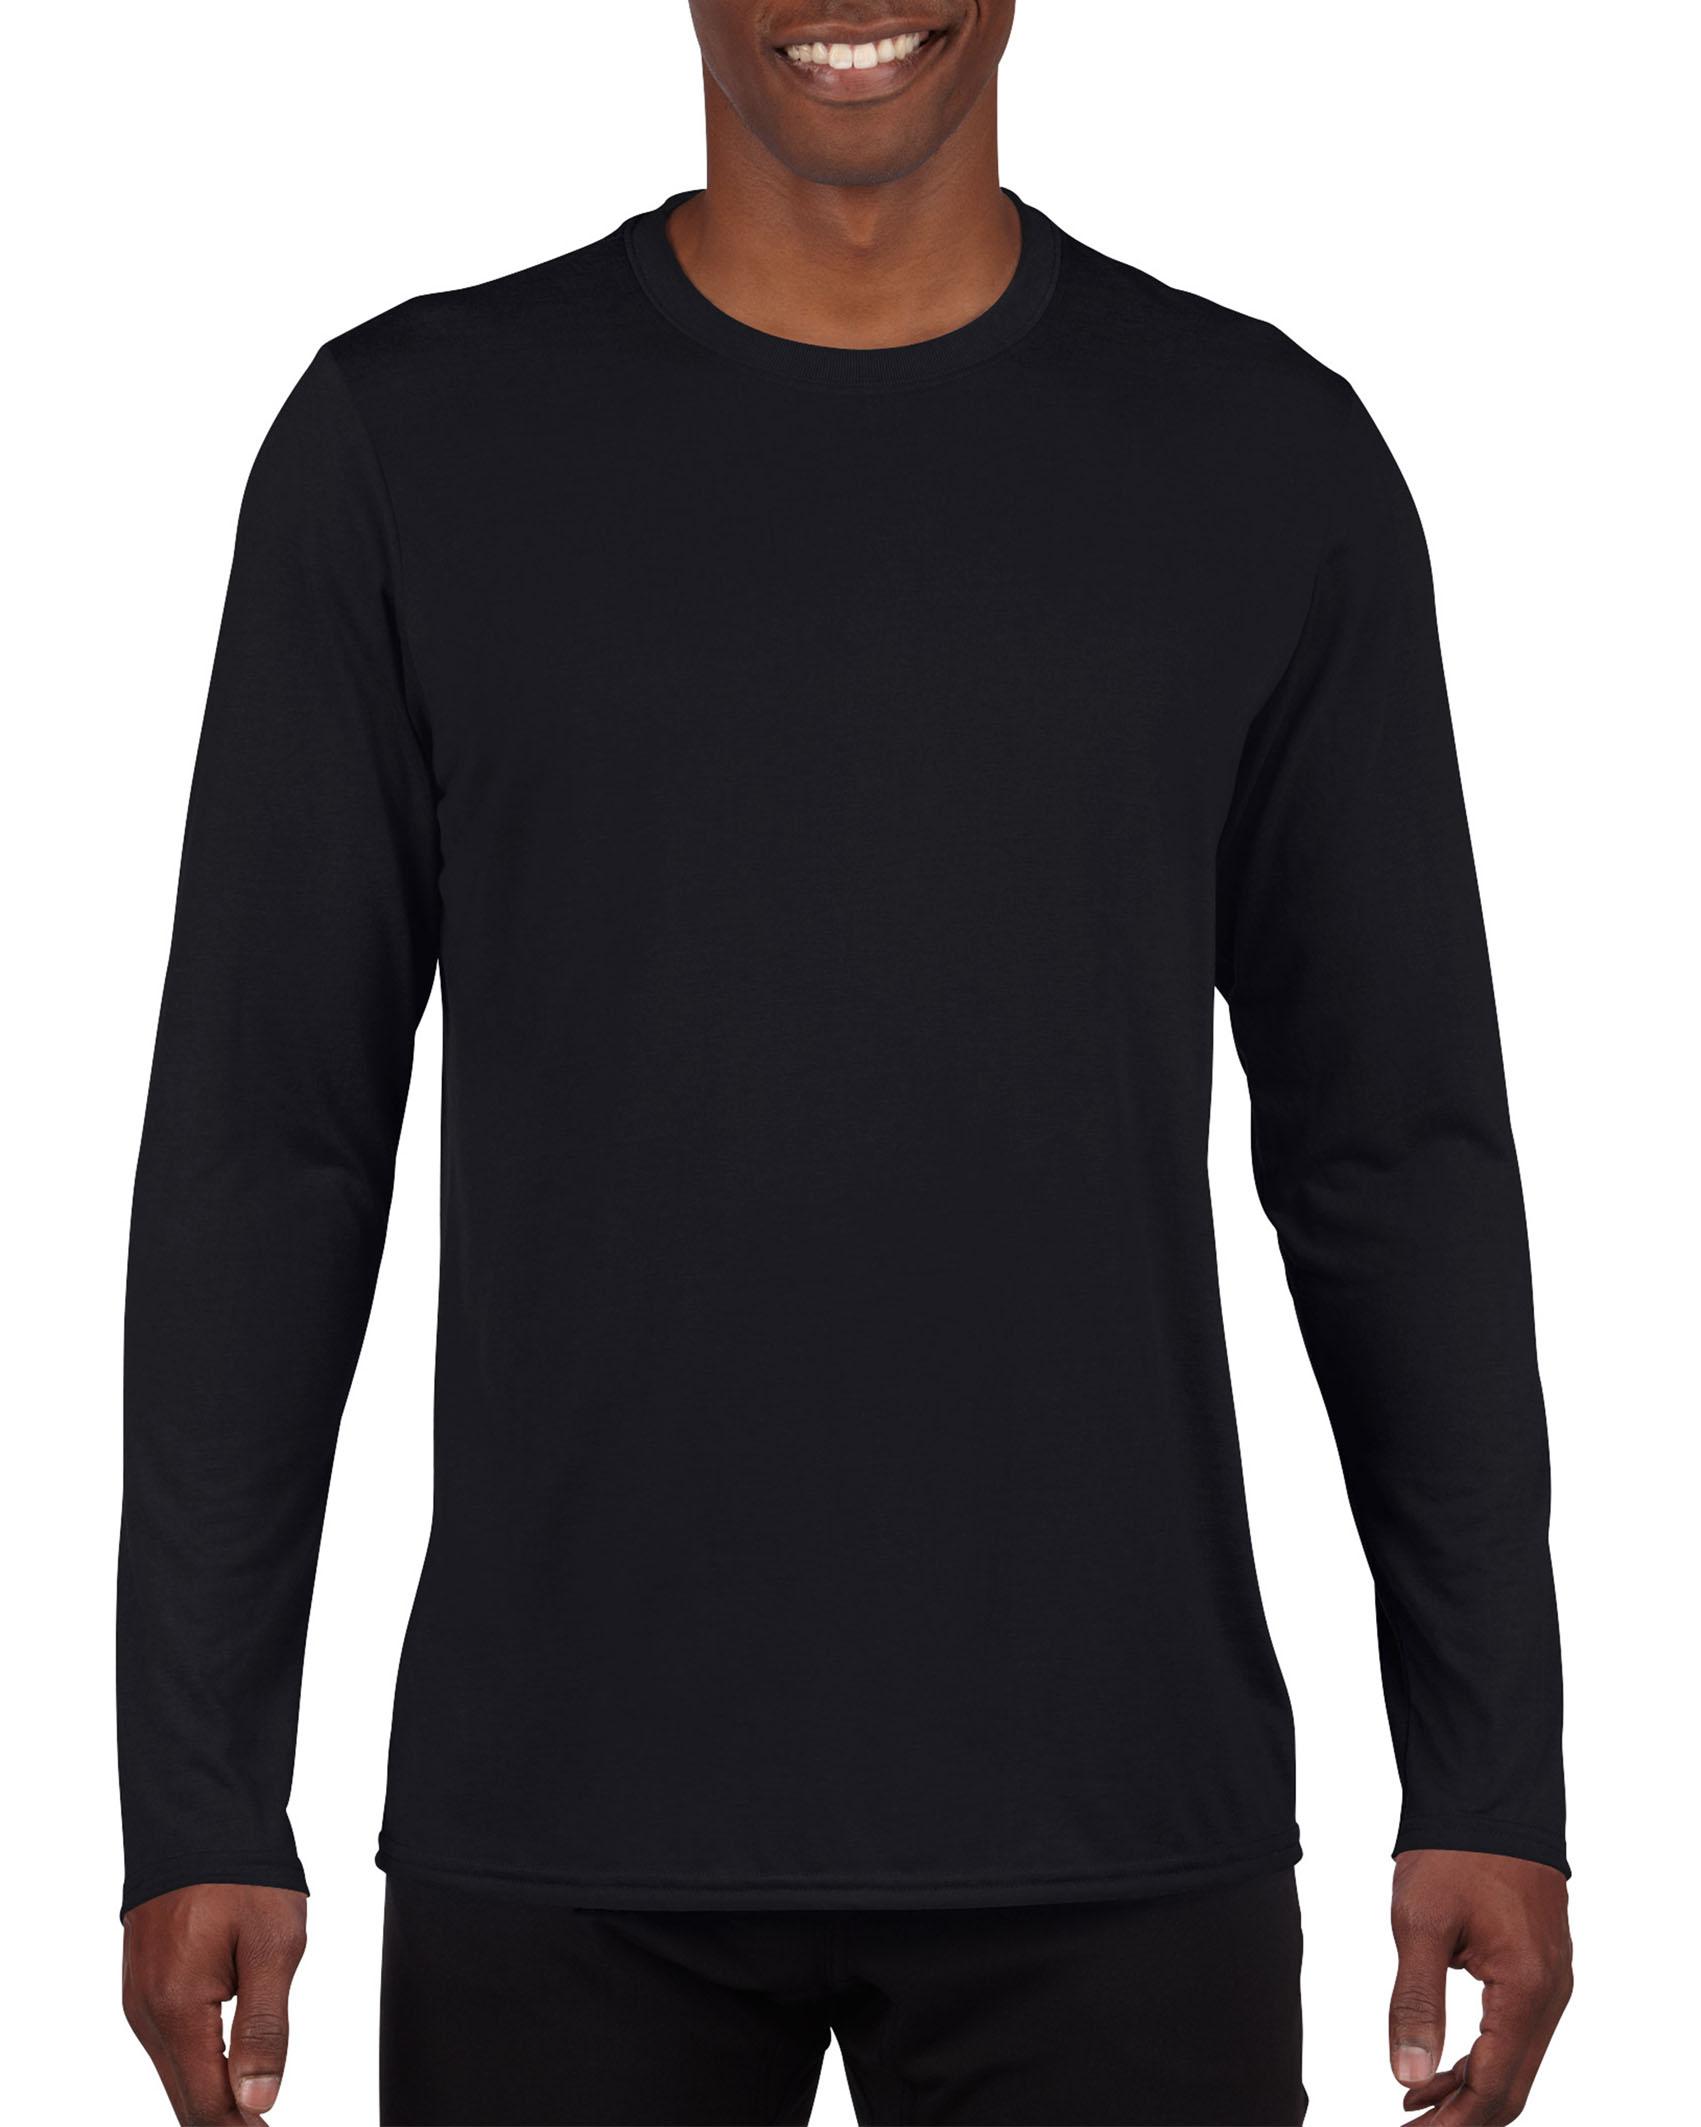 Gildan T-shirt Performance Lange mouw voor Heren